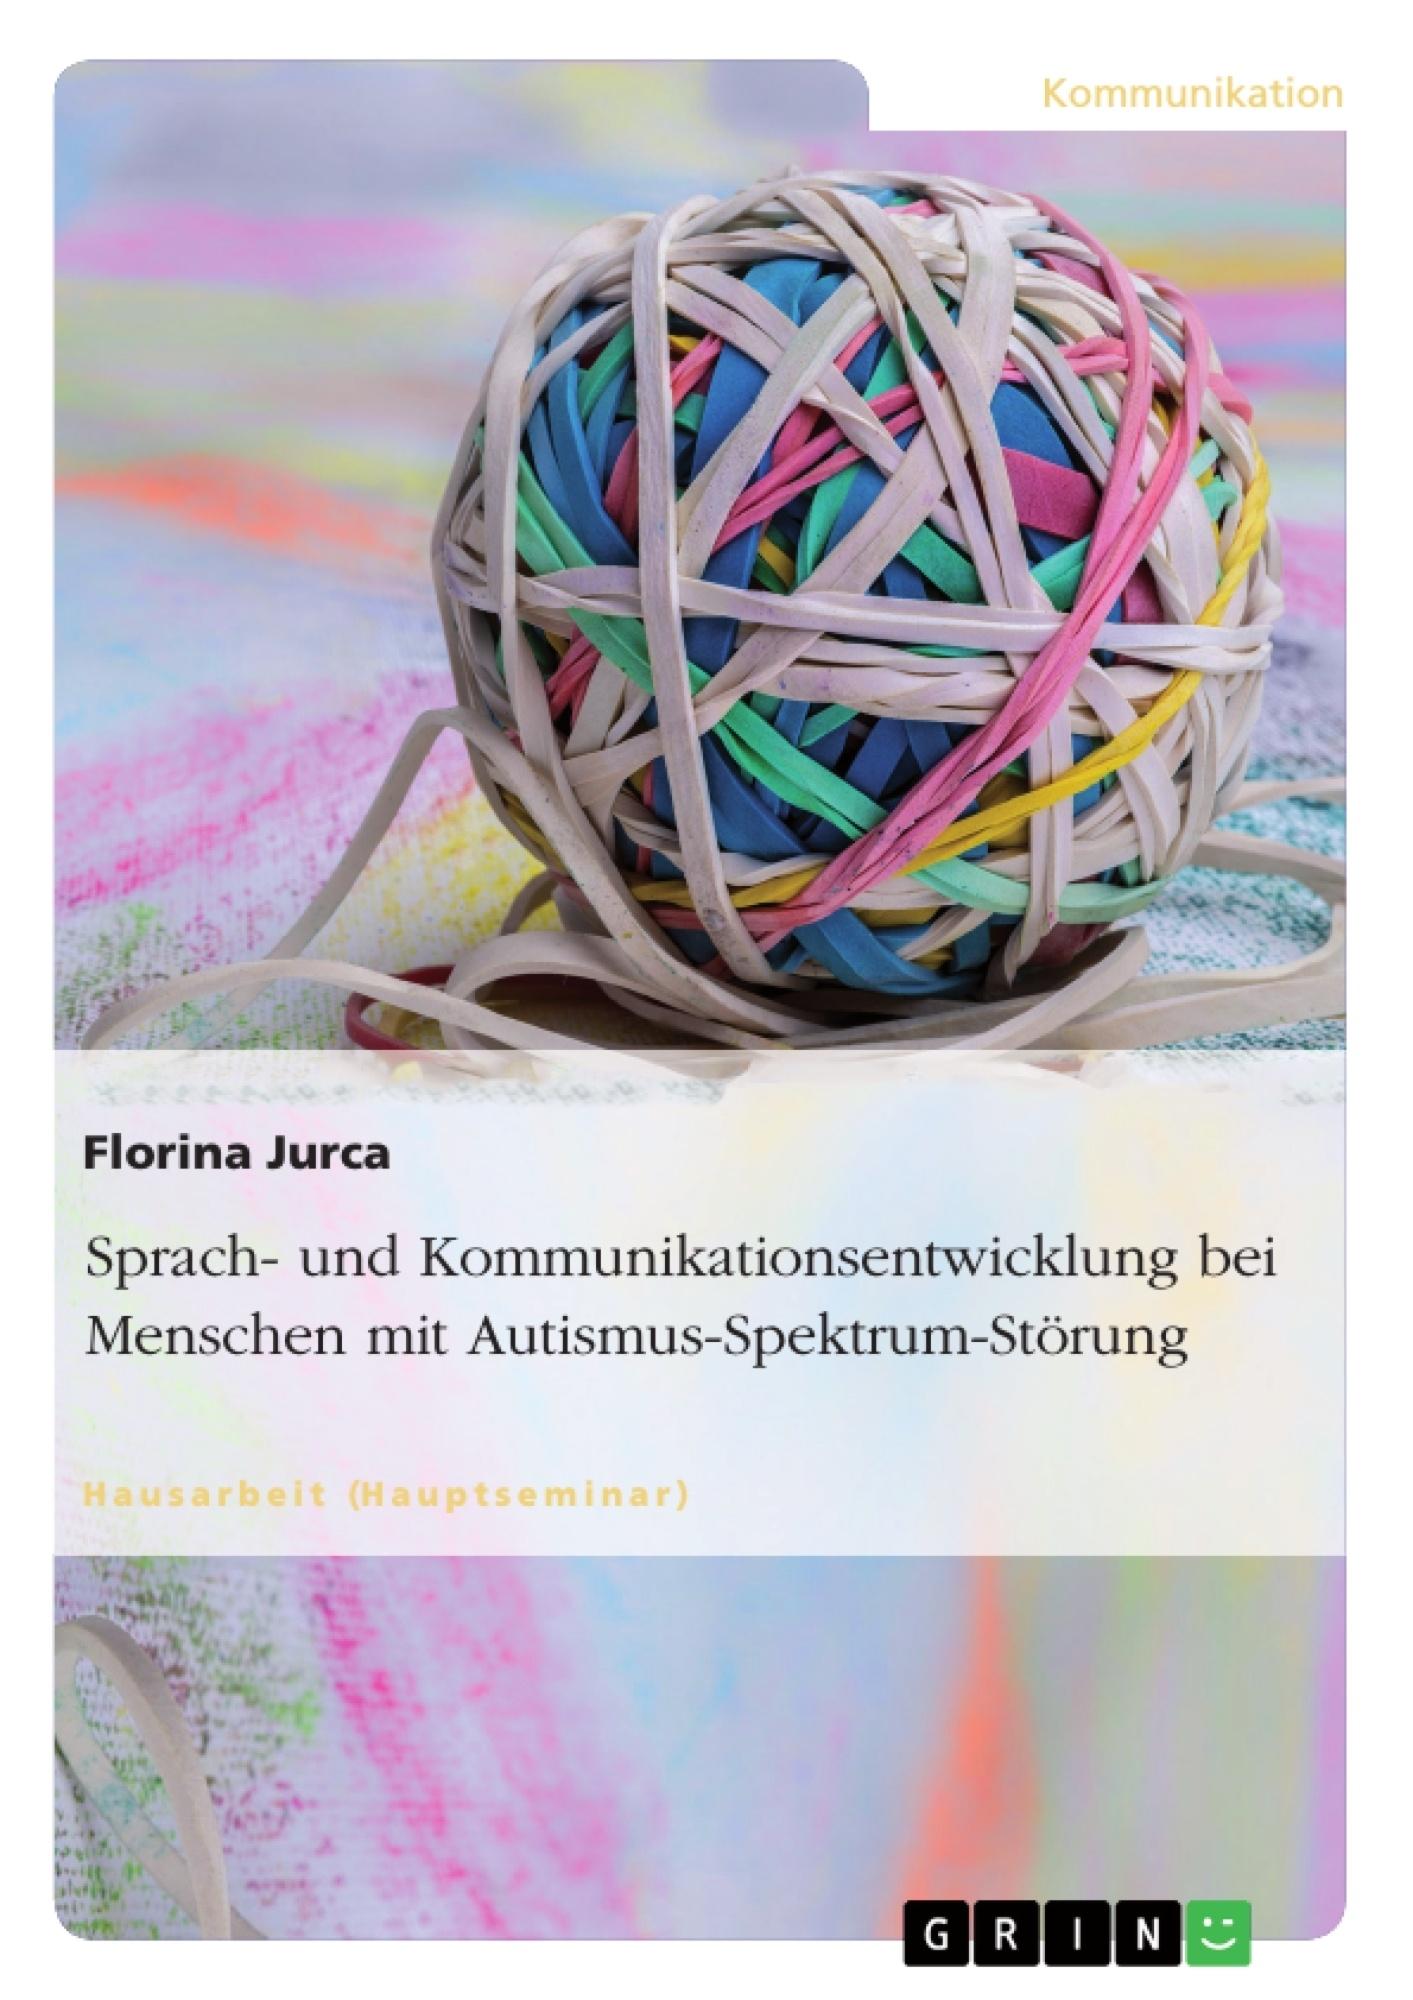 Titel: Sprach- und Kommunikationsentwicklung bei Menschen mit Autismus-Spektrum-Störung